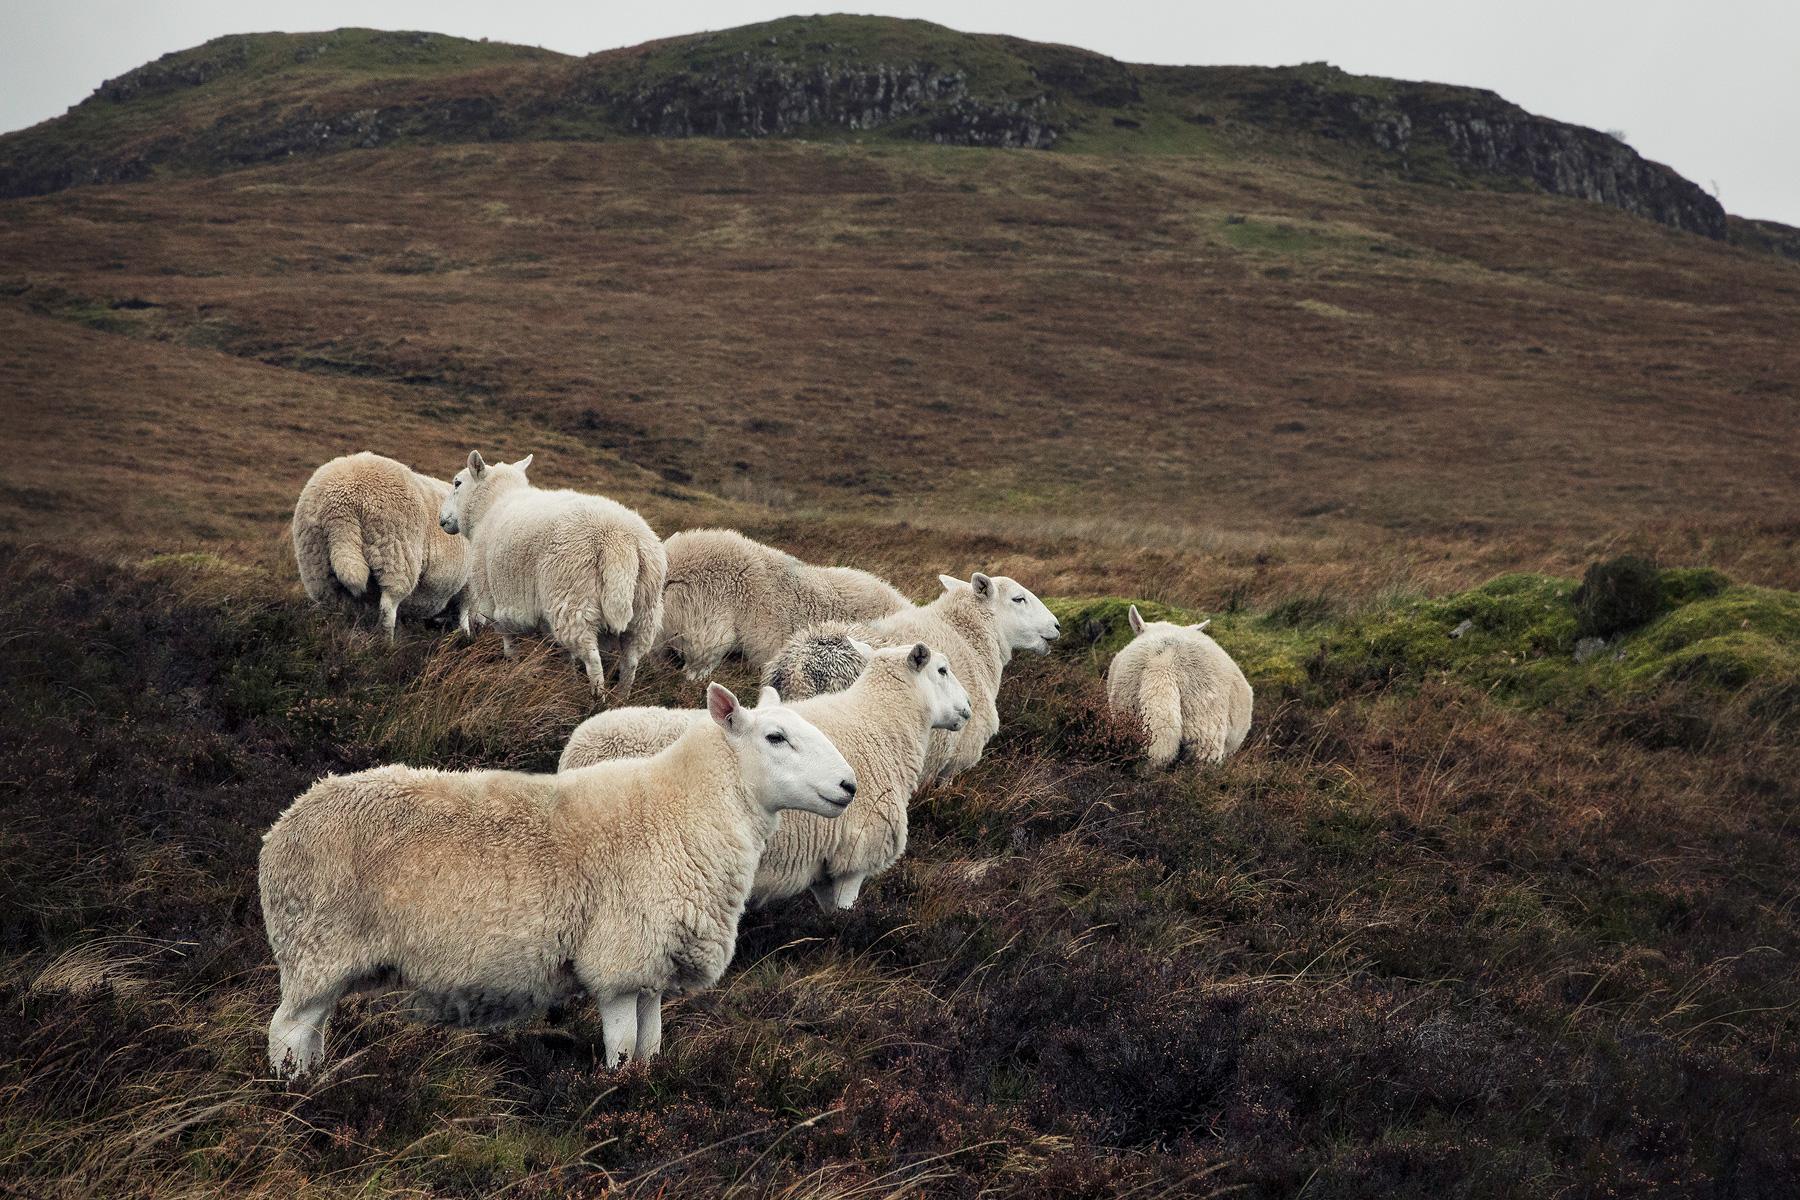 Jaworskyj Fotoreise, Lukas Voegelin, Schottland, Isle of Skye, Schafe